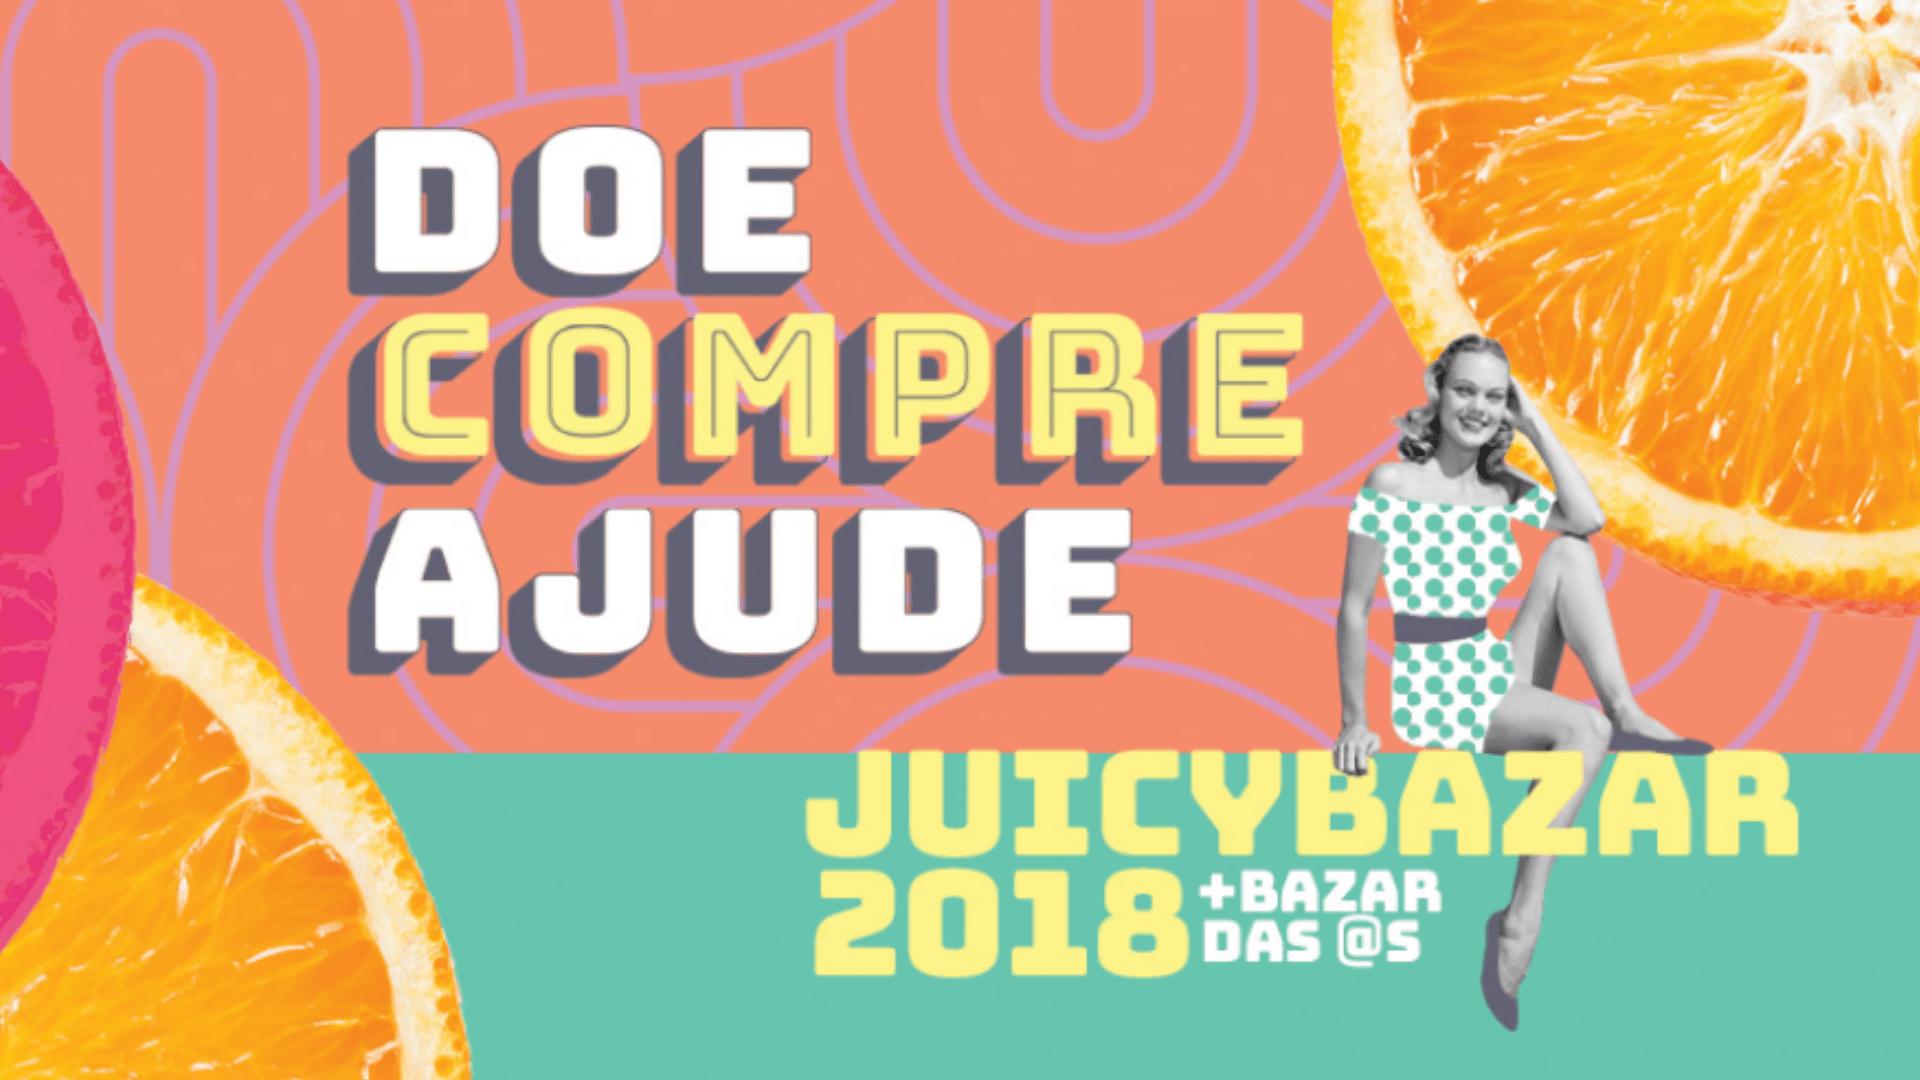 www.juicysantos.com.br - juicybazar 2018